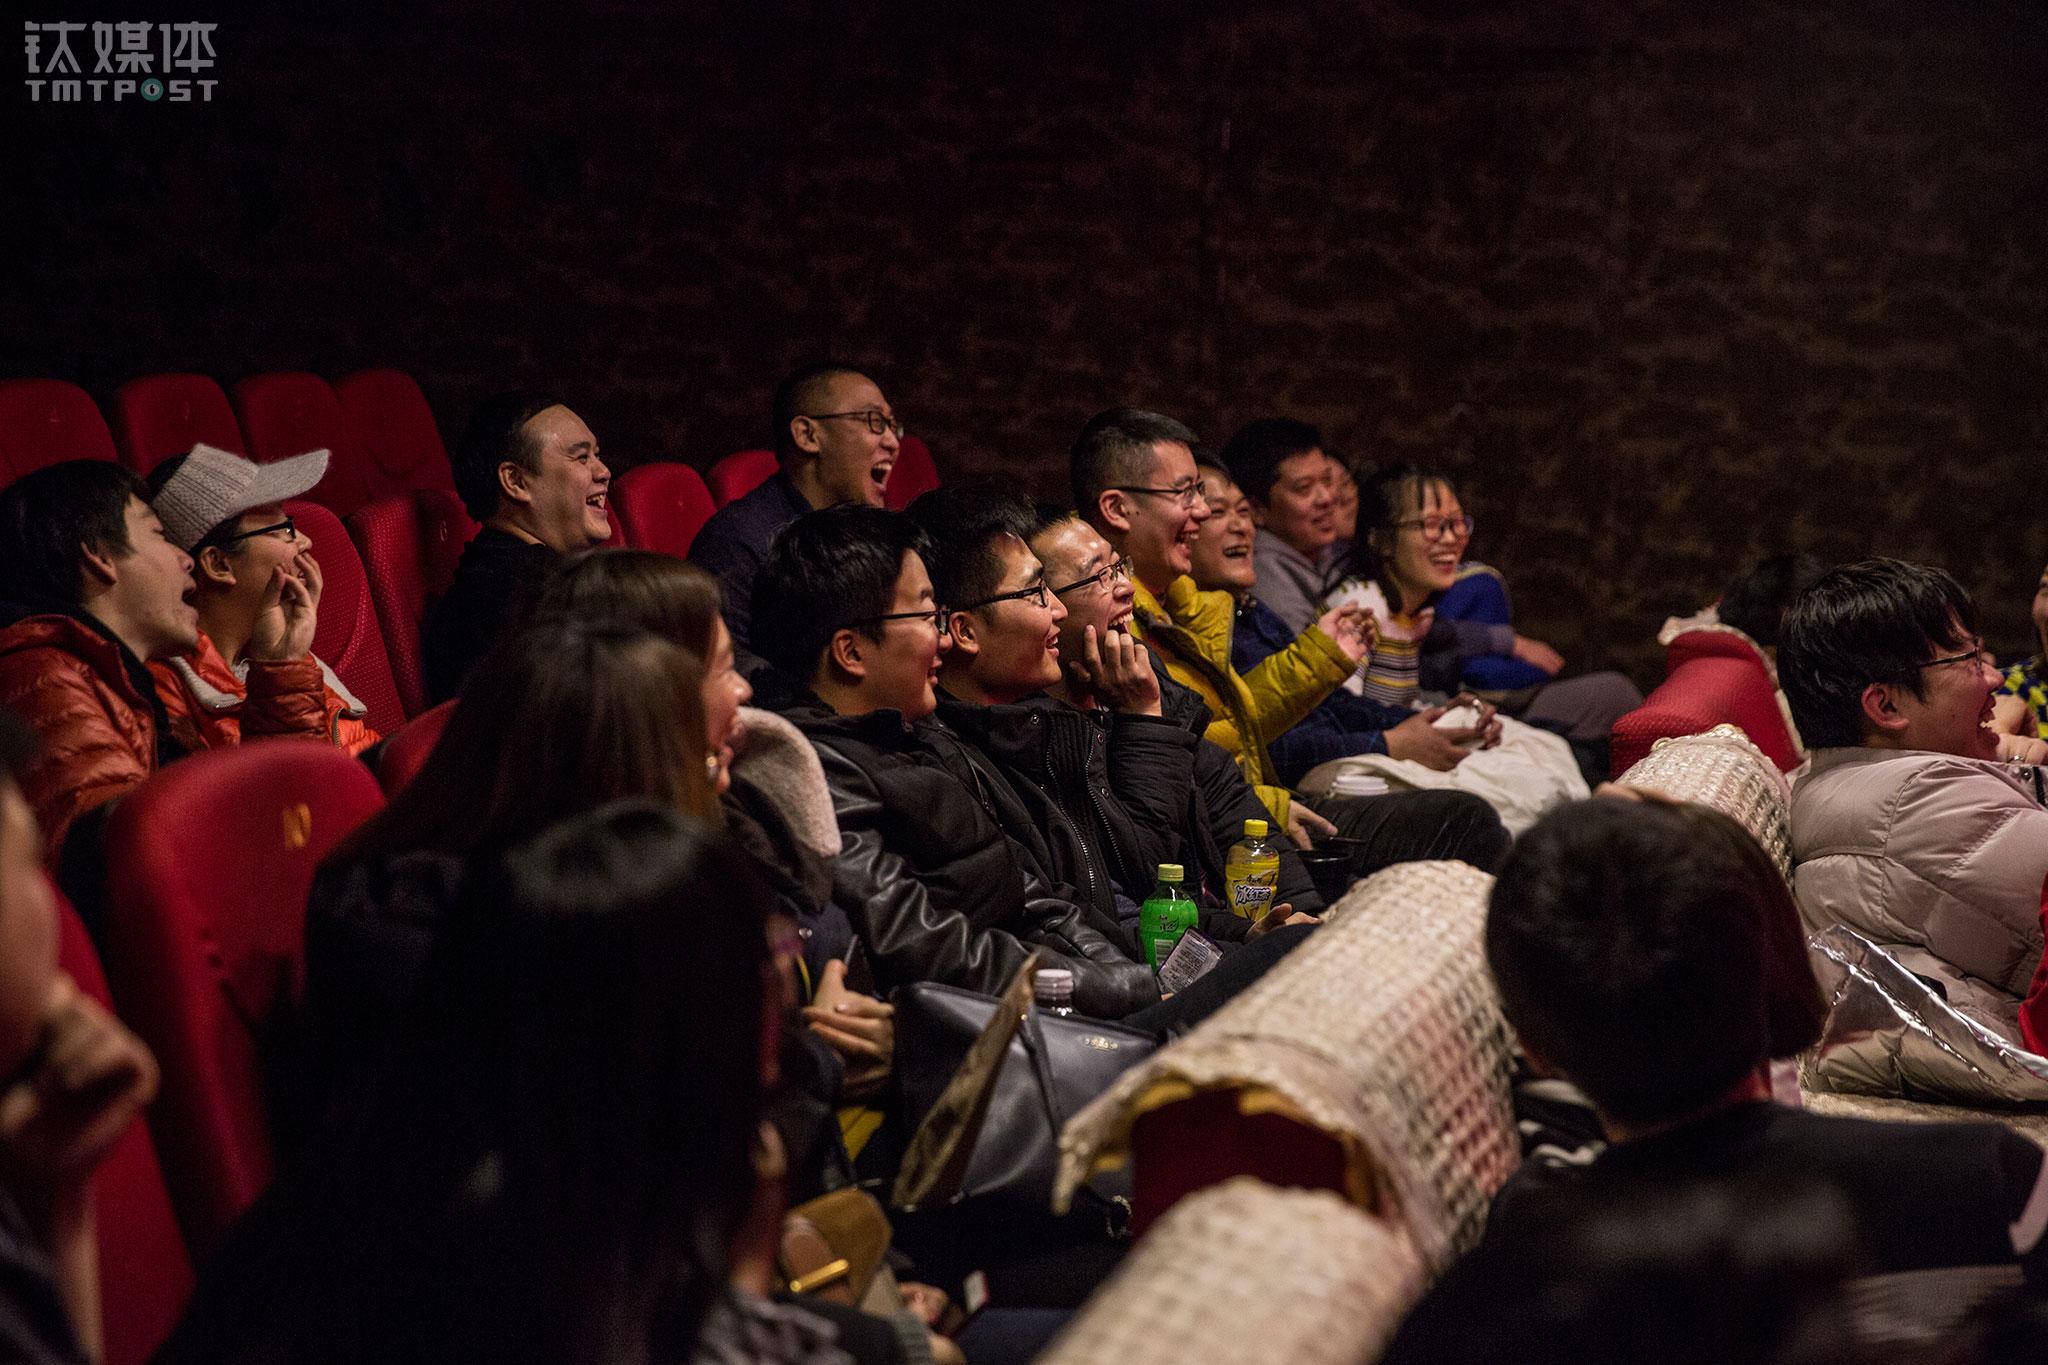 当天下午的《夏姬罢演》上座率比上午高点,不过也只有30多个人。虽然人不多,还是没影响演员发挥,观众被逗得屡屡大笑。